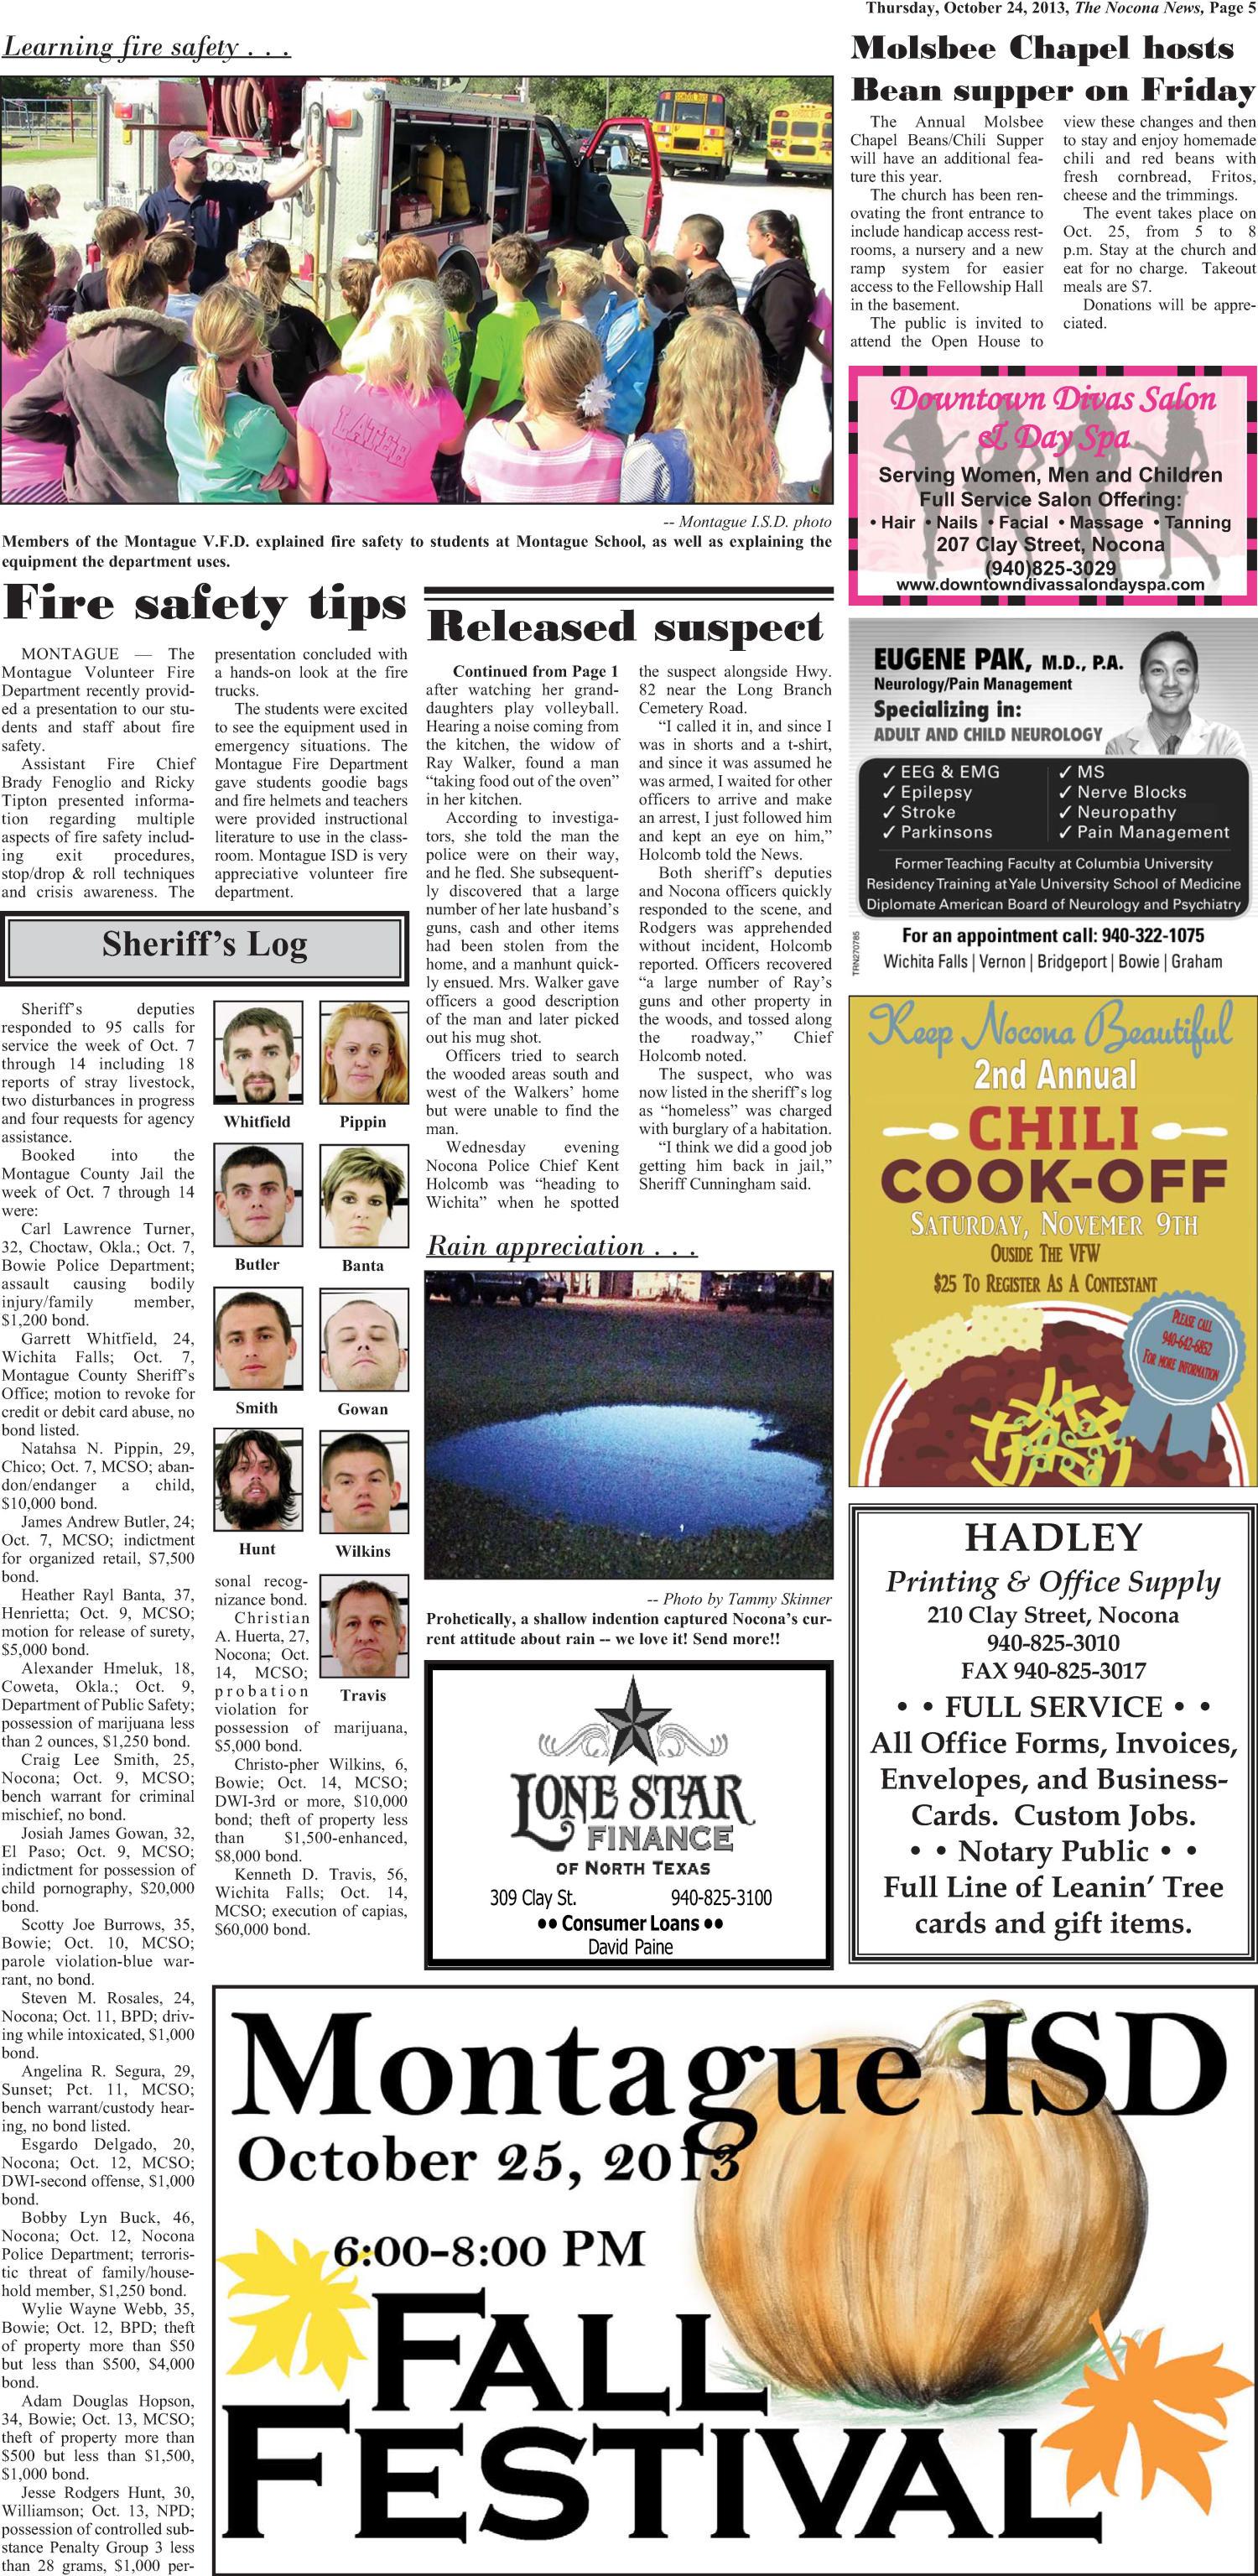 The Nocona News (Nocona, Tex ), Vol  109, No  20, Ed  1